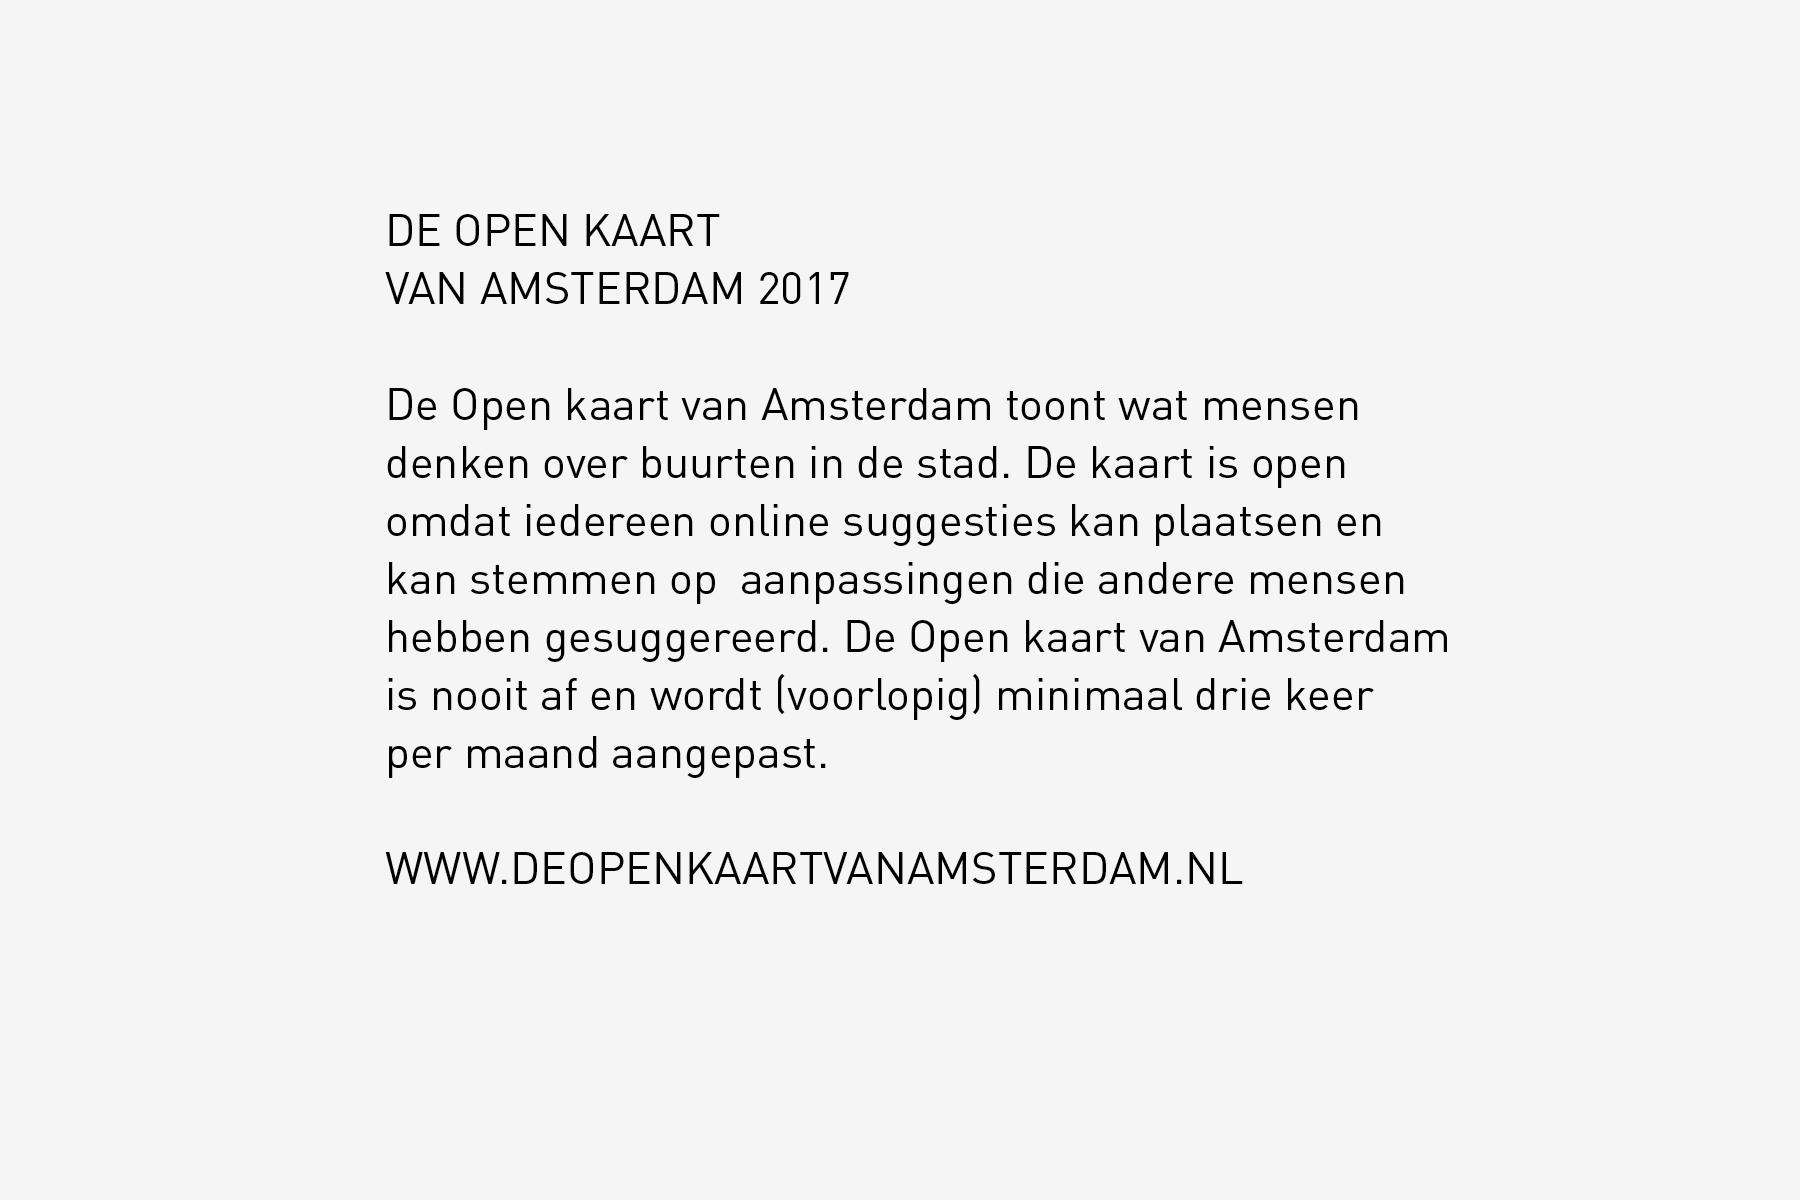 JAN ROTHUIZEN-De Open kaart van Amsterdam